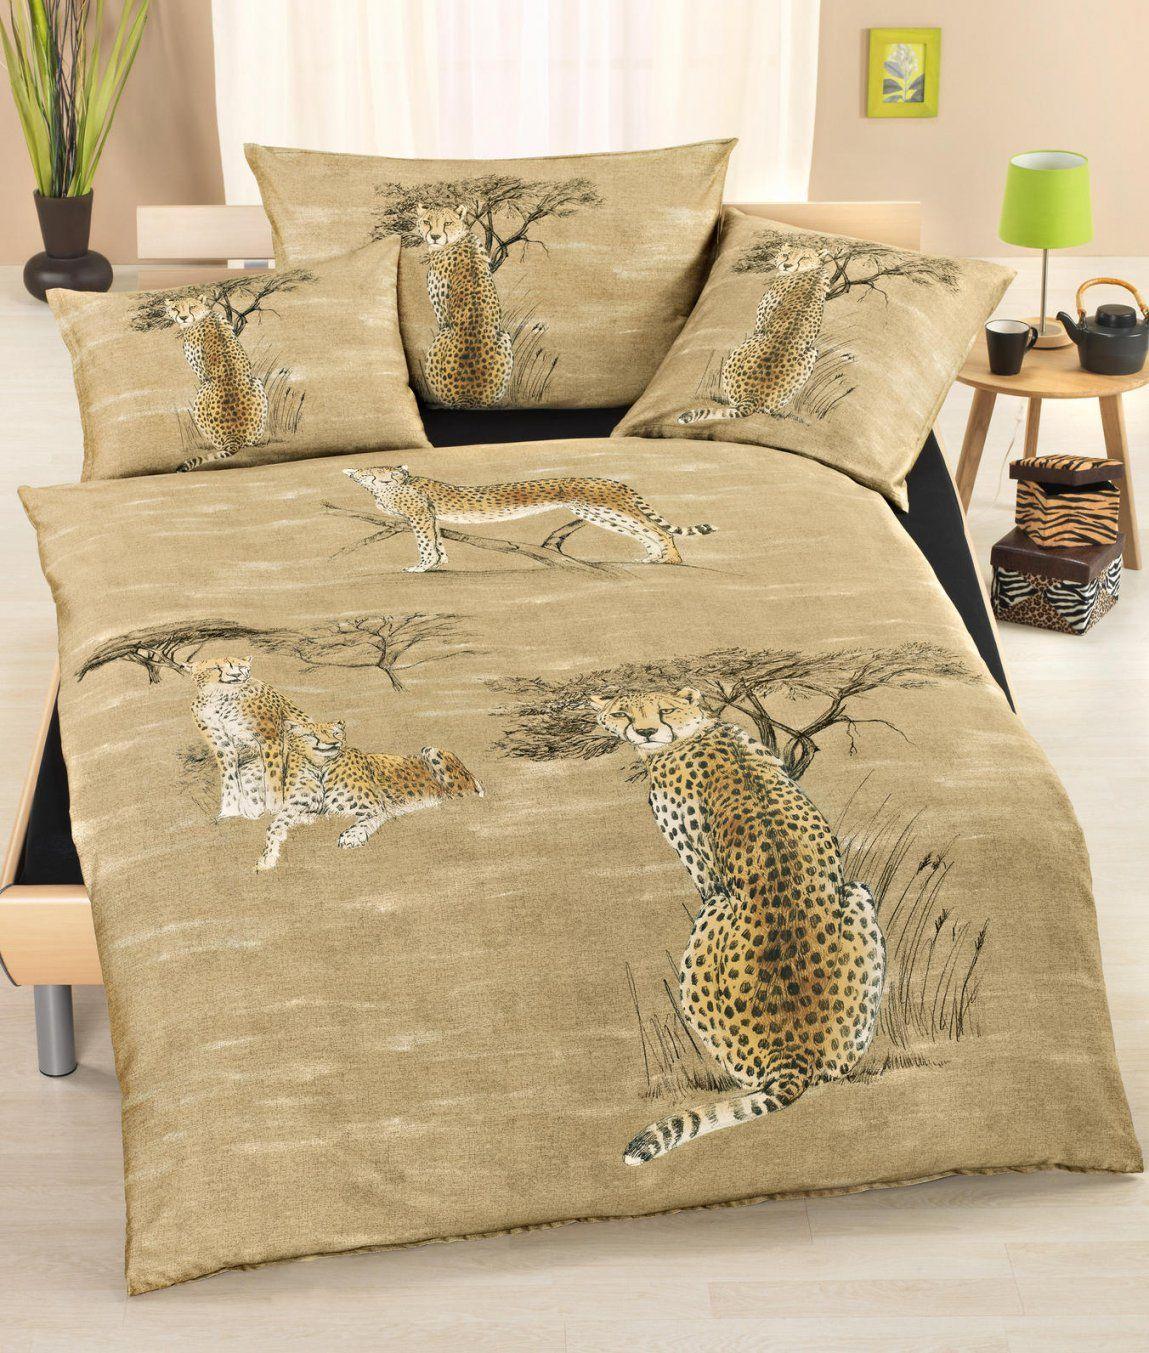 Satinbettwäsche Gepard Kaufen  Angela Bruderer Onlineshop von Bettwäsche Afrika Design Bild